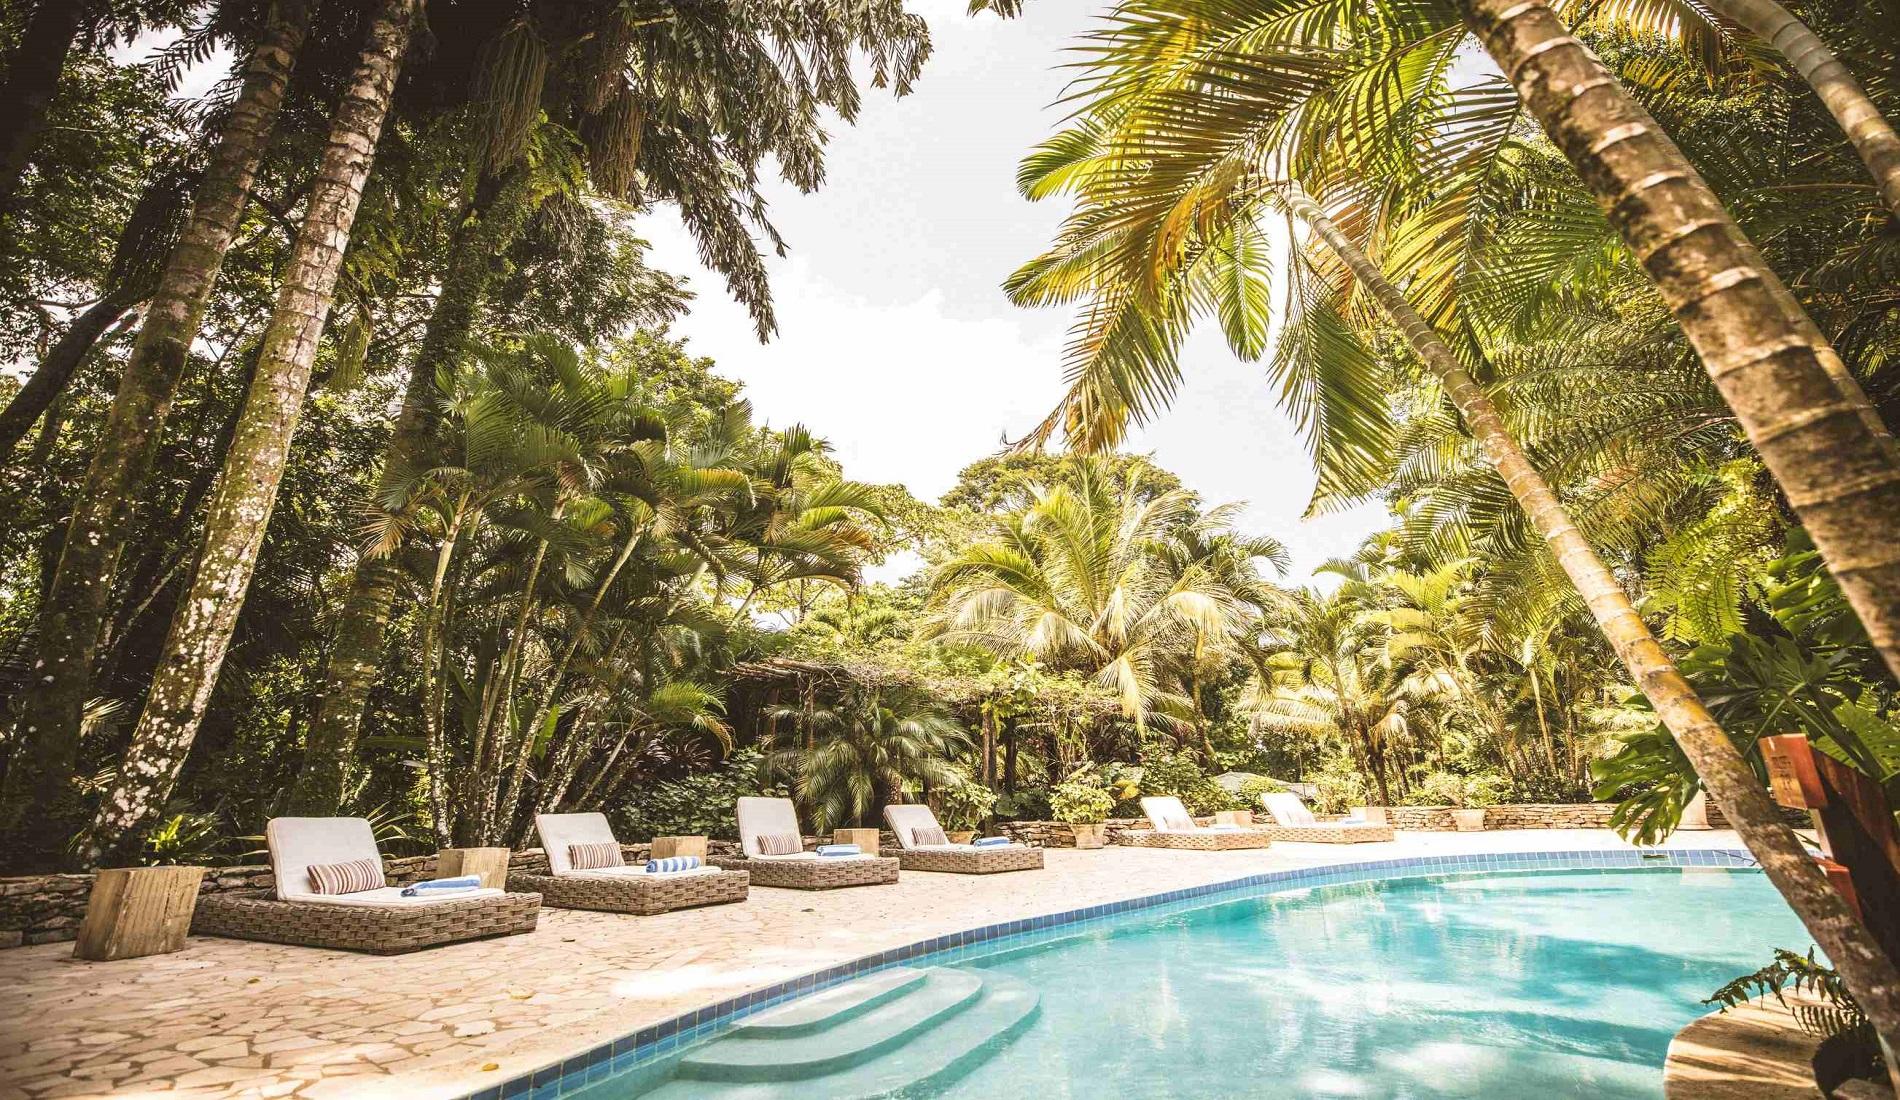 zwembad-copal-tree rondreis belize